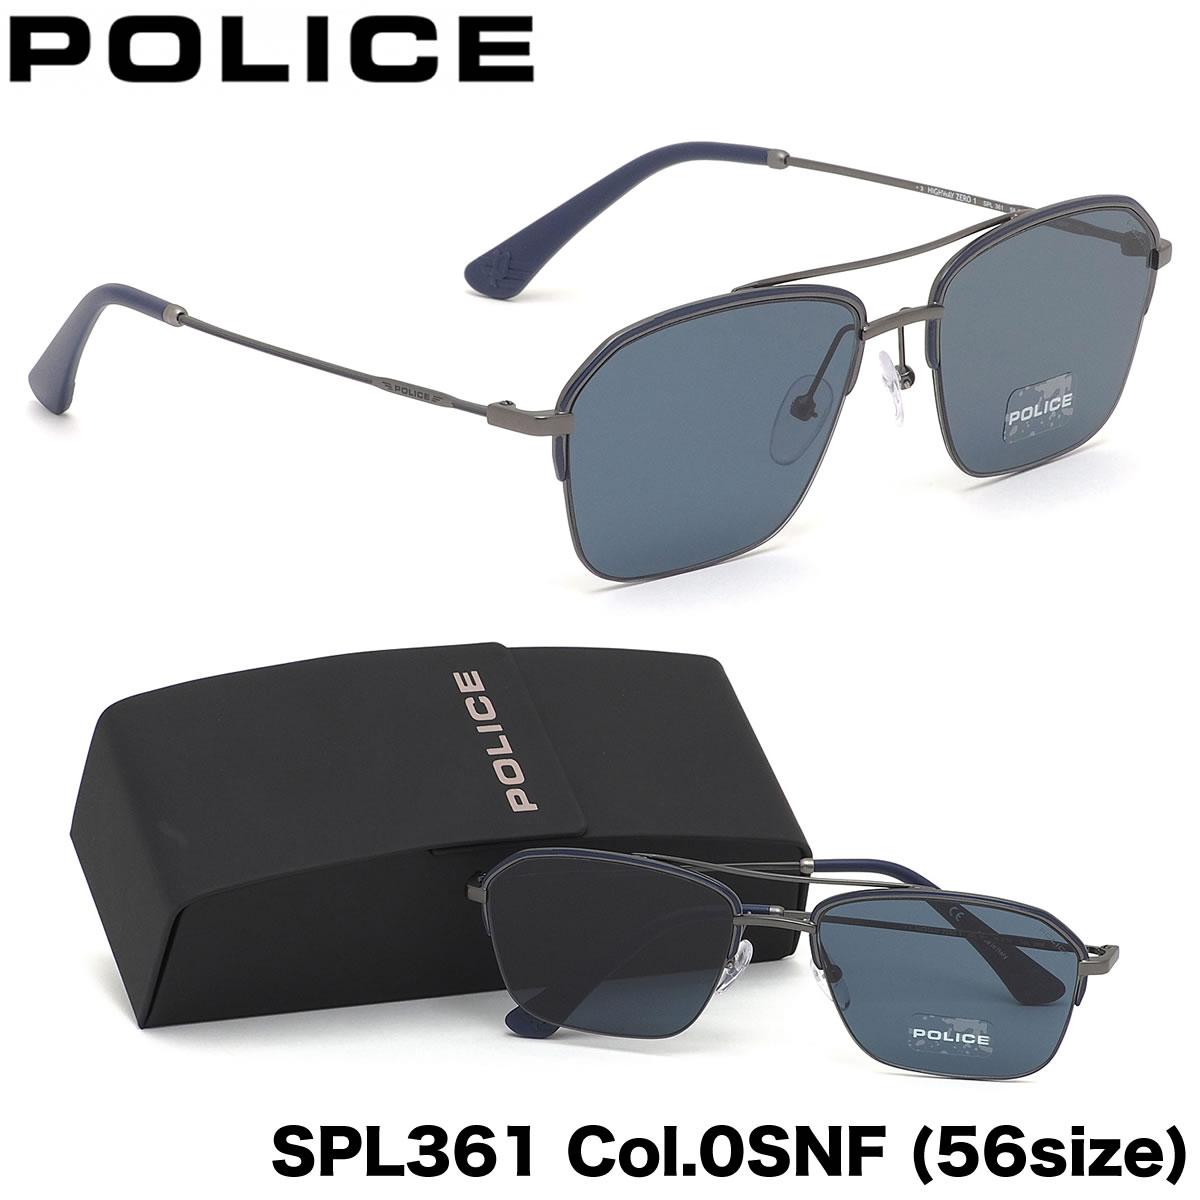 【10月30日からエントリーで全品ポイント20倍】ポリス POLICE サングラスSPL361 0SNF 56サイズHIGHWAYZERO1 フラットレンズ トレンド ツーブリッジポリス POLICE メンズ レディース